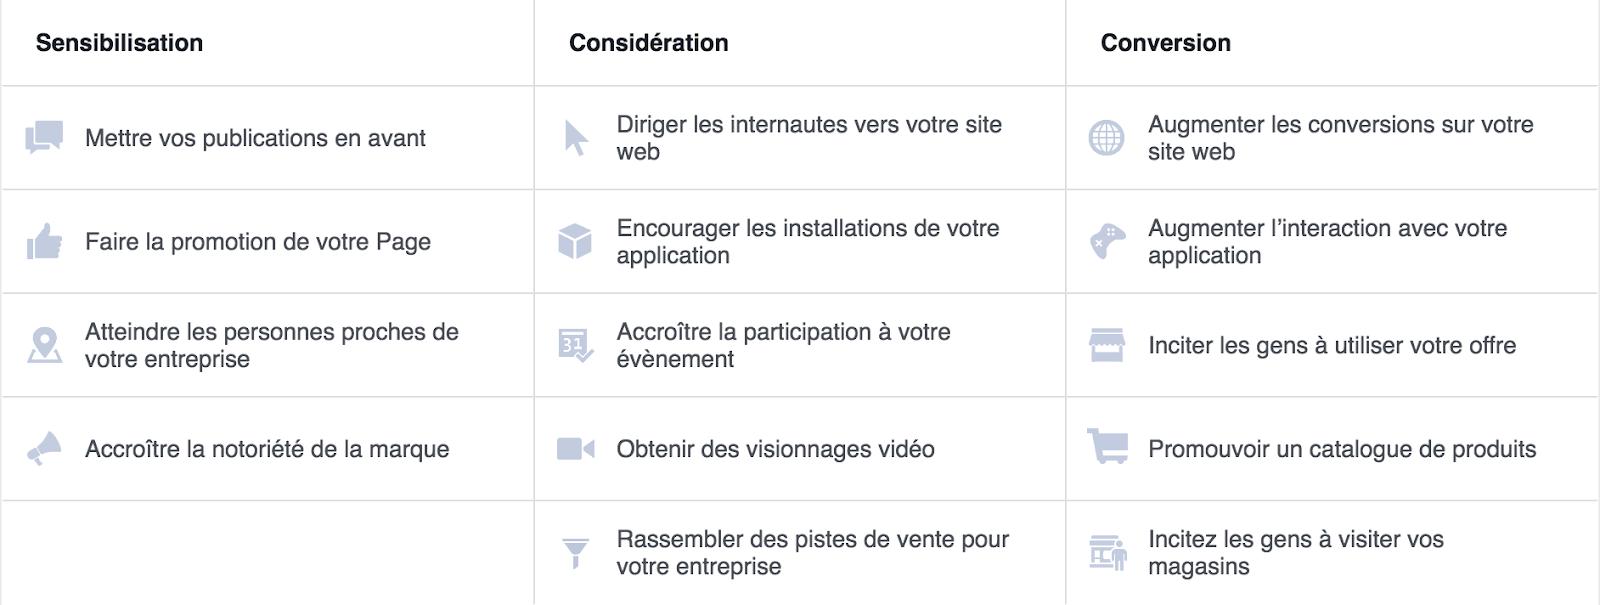 Choisir le bon objectif de campagne permet à votre entreprise de profiter de tous les avantages de la publicité Facebook